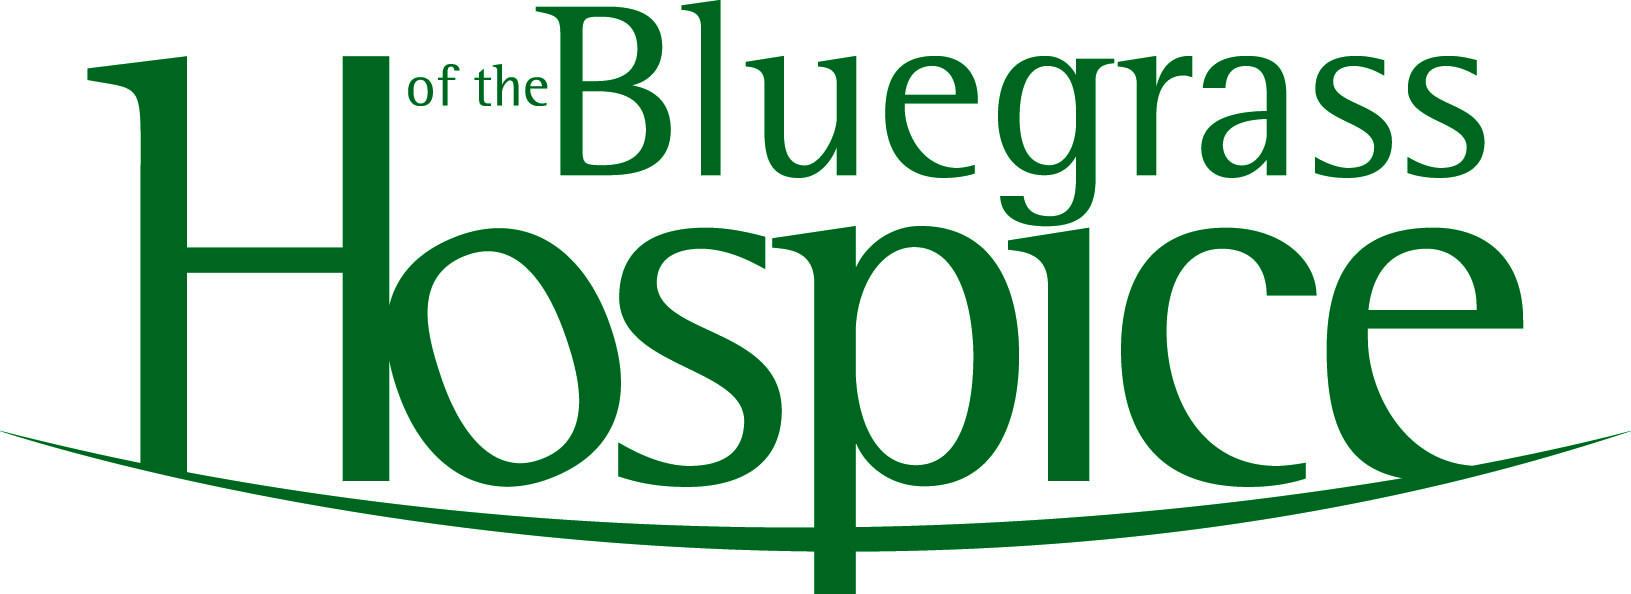 Hospice logo 2010 PMS 343